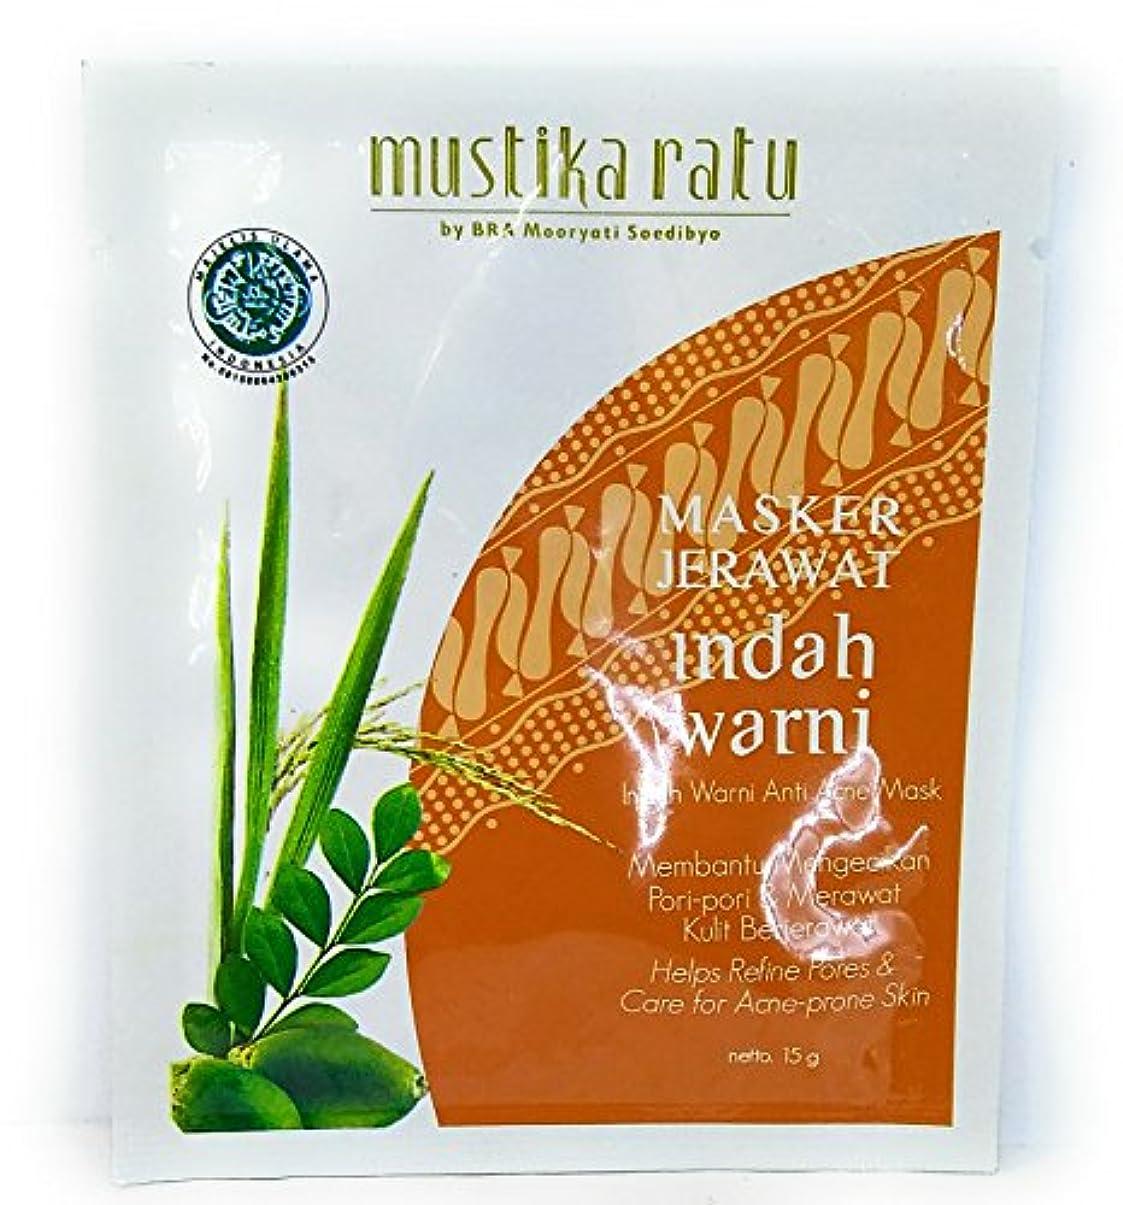 生まれサミュエル皮肉Mustika Ratu マスカーインダwarniアンチアクネマスク、15グラム(10パック)